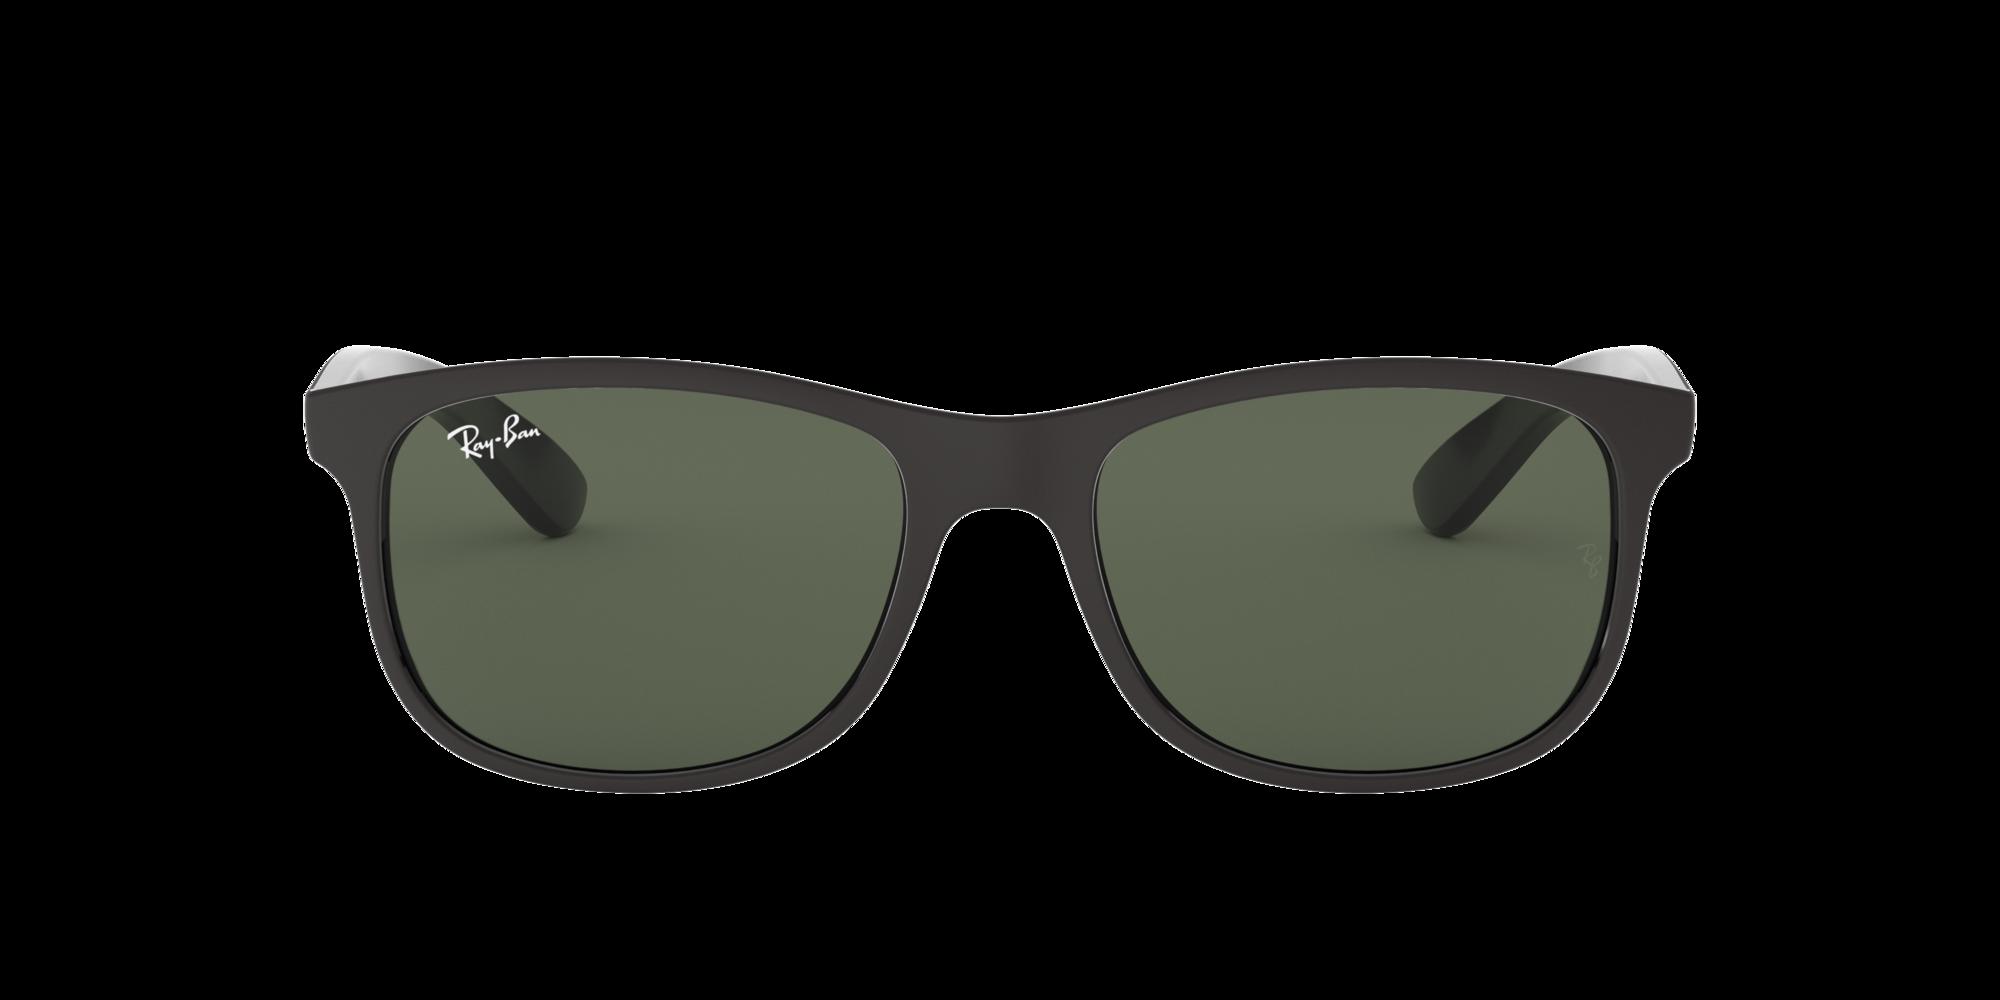 Imagen para RB4202 55 ANDY de LensCrafters |  Espejuelos, espejuelos graduados en línea, gafas